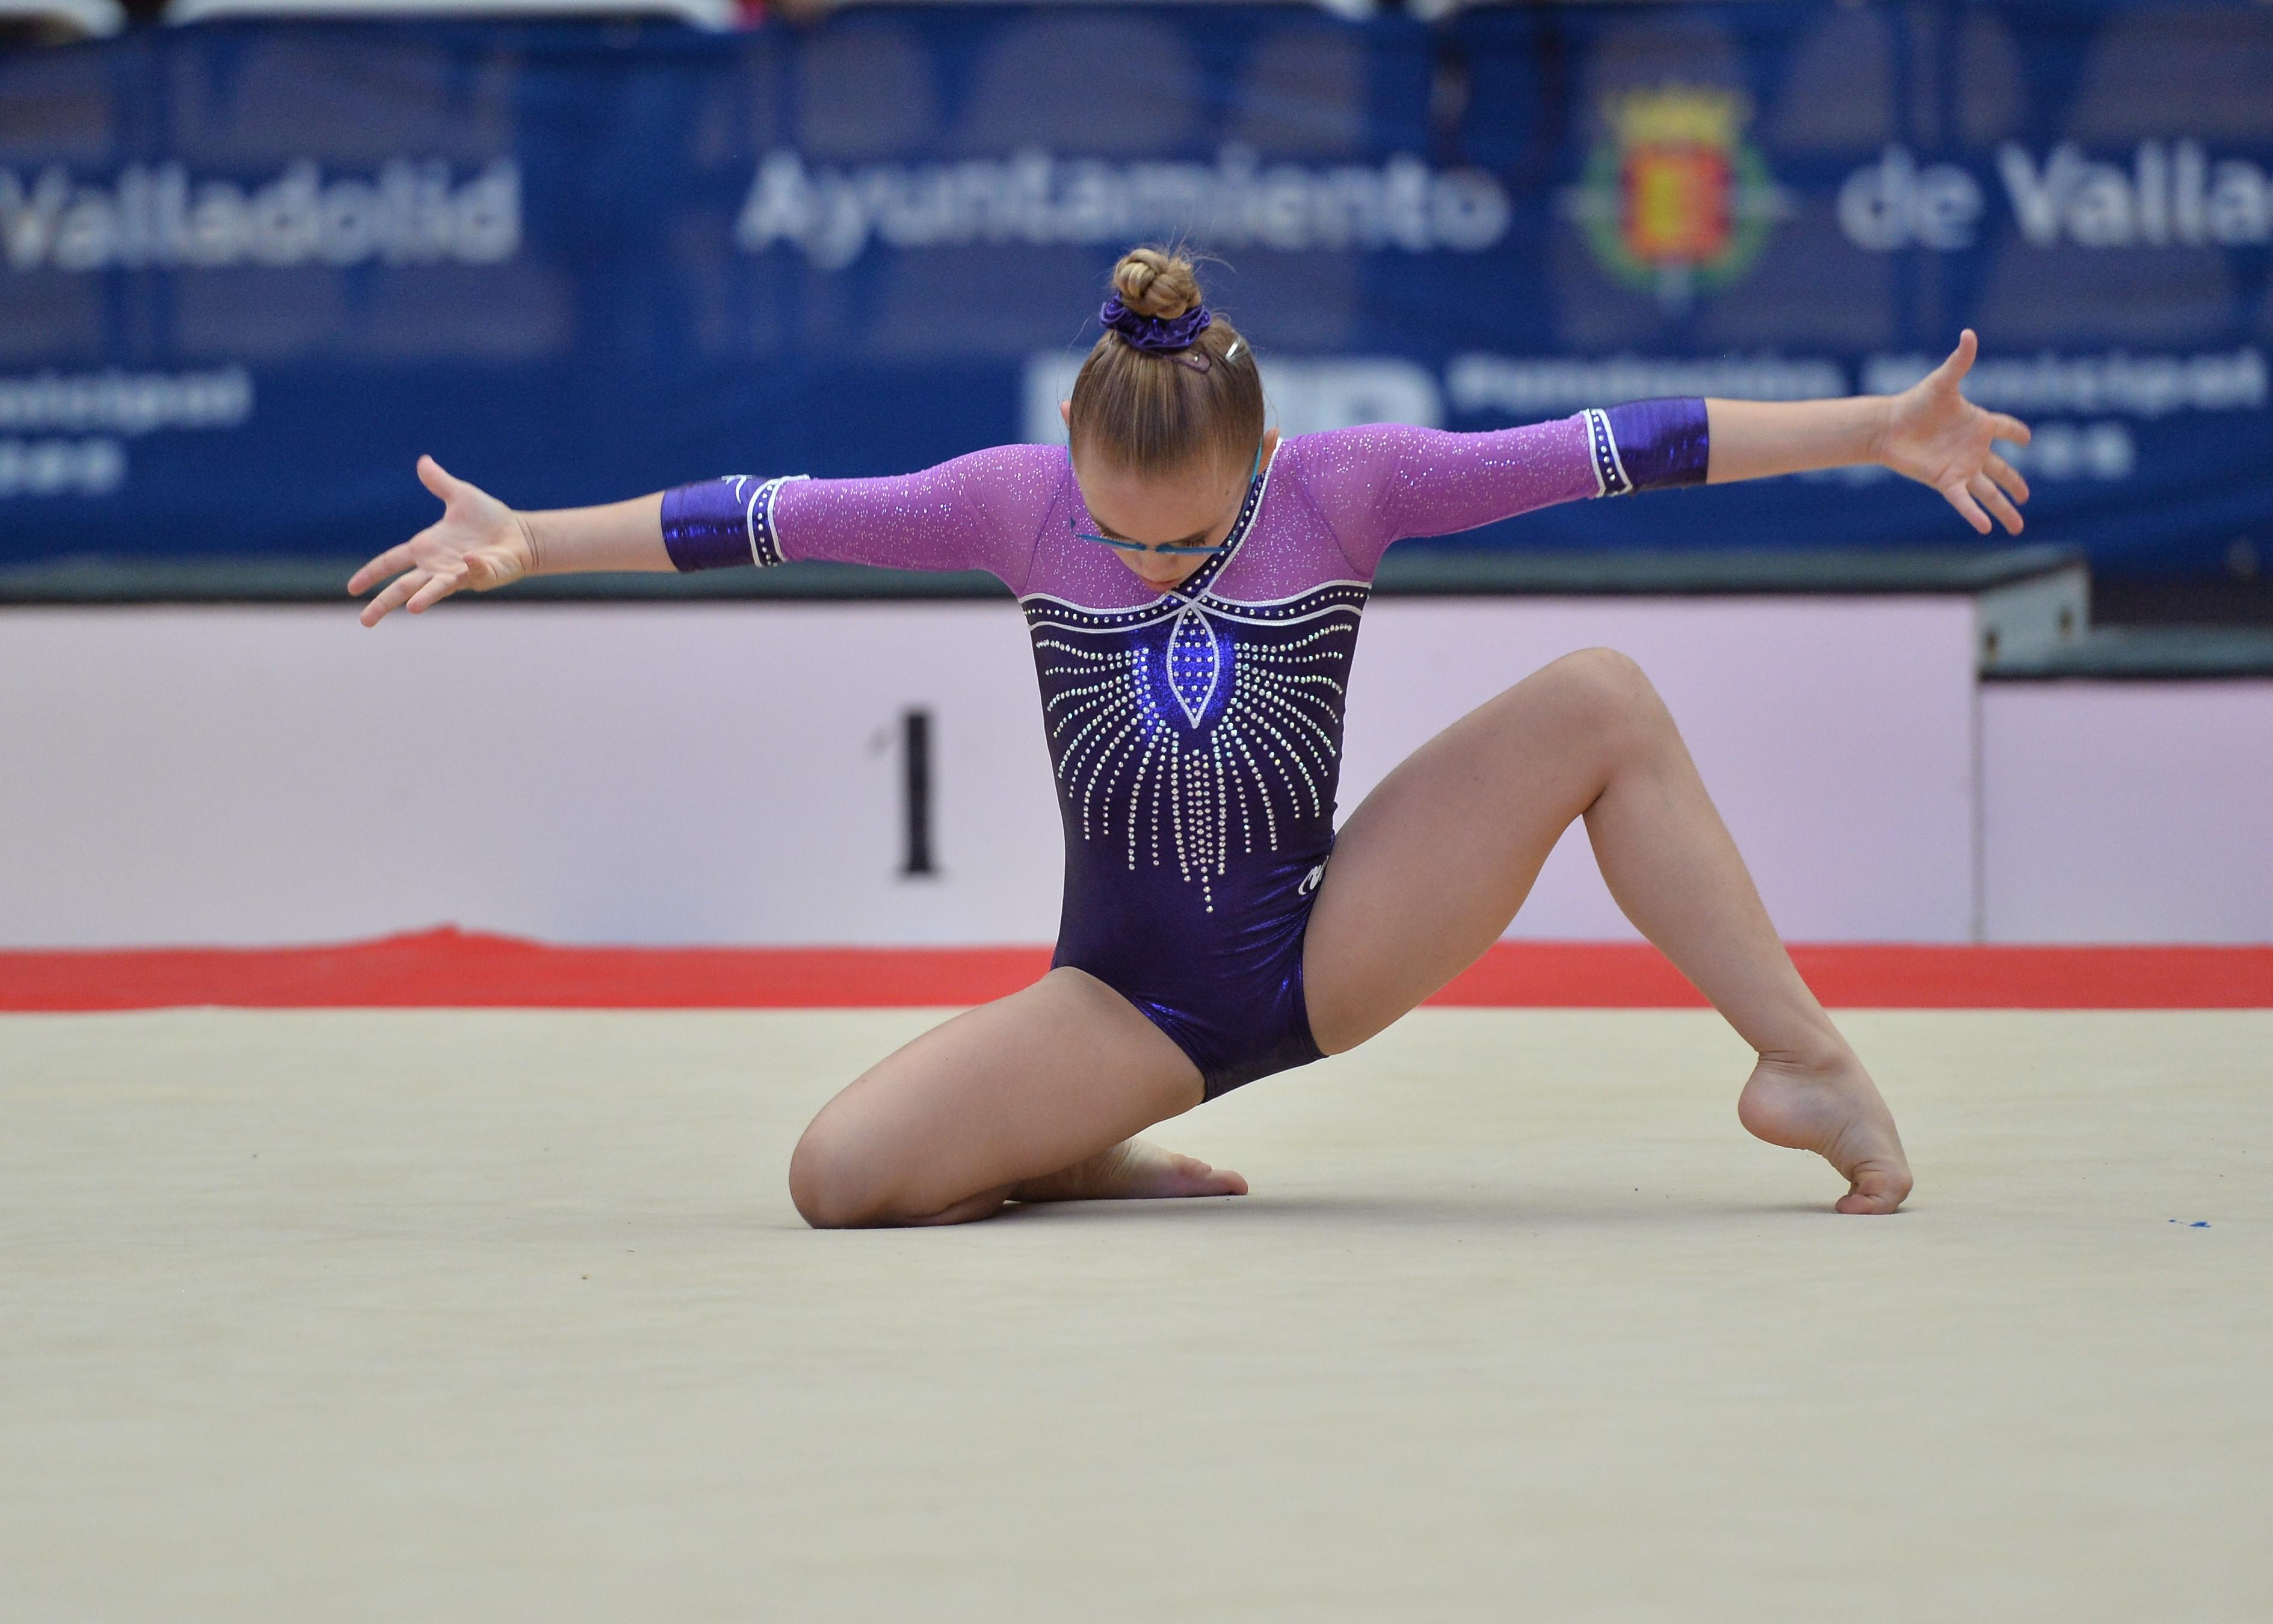 de zile de fericire – aventura canadiana, Miopă gimnastică pentru ochi